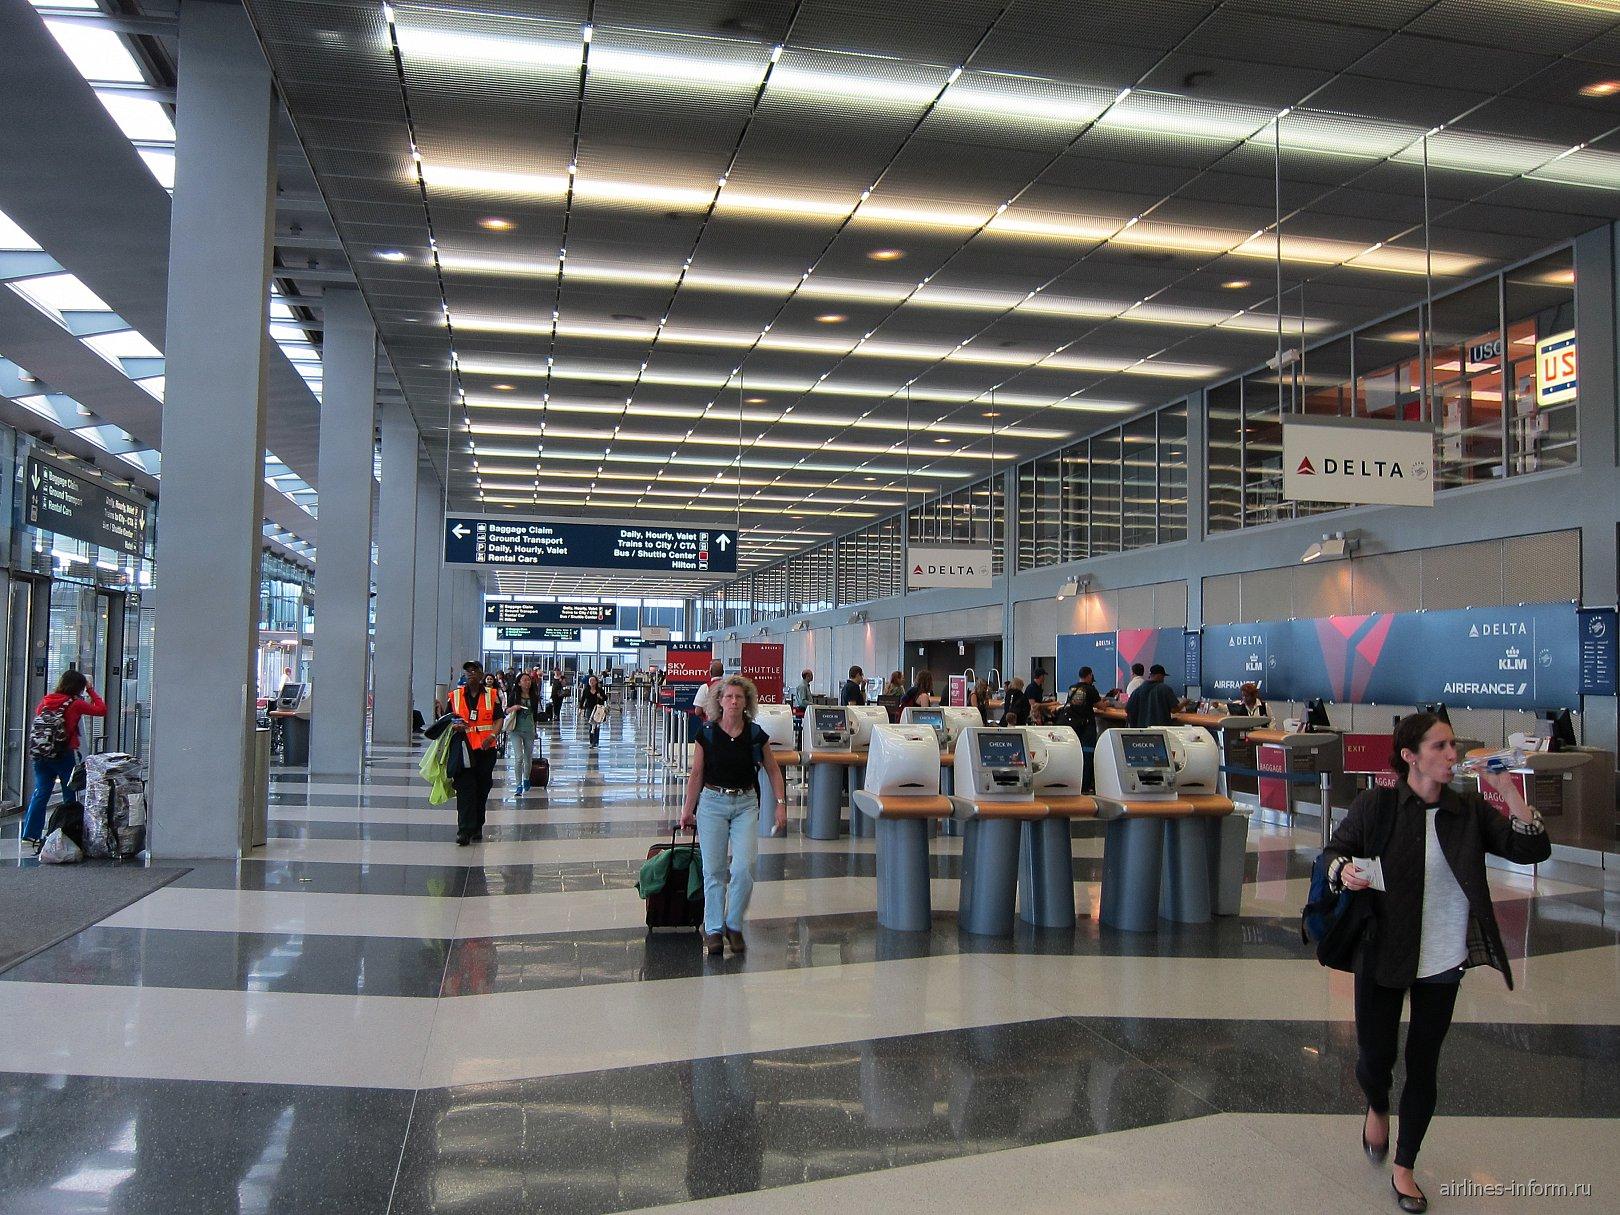 Стойки регистрации Delta Air Lines в терминале 2 аэропорта Чикаго О'Хара